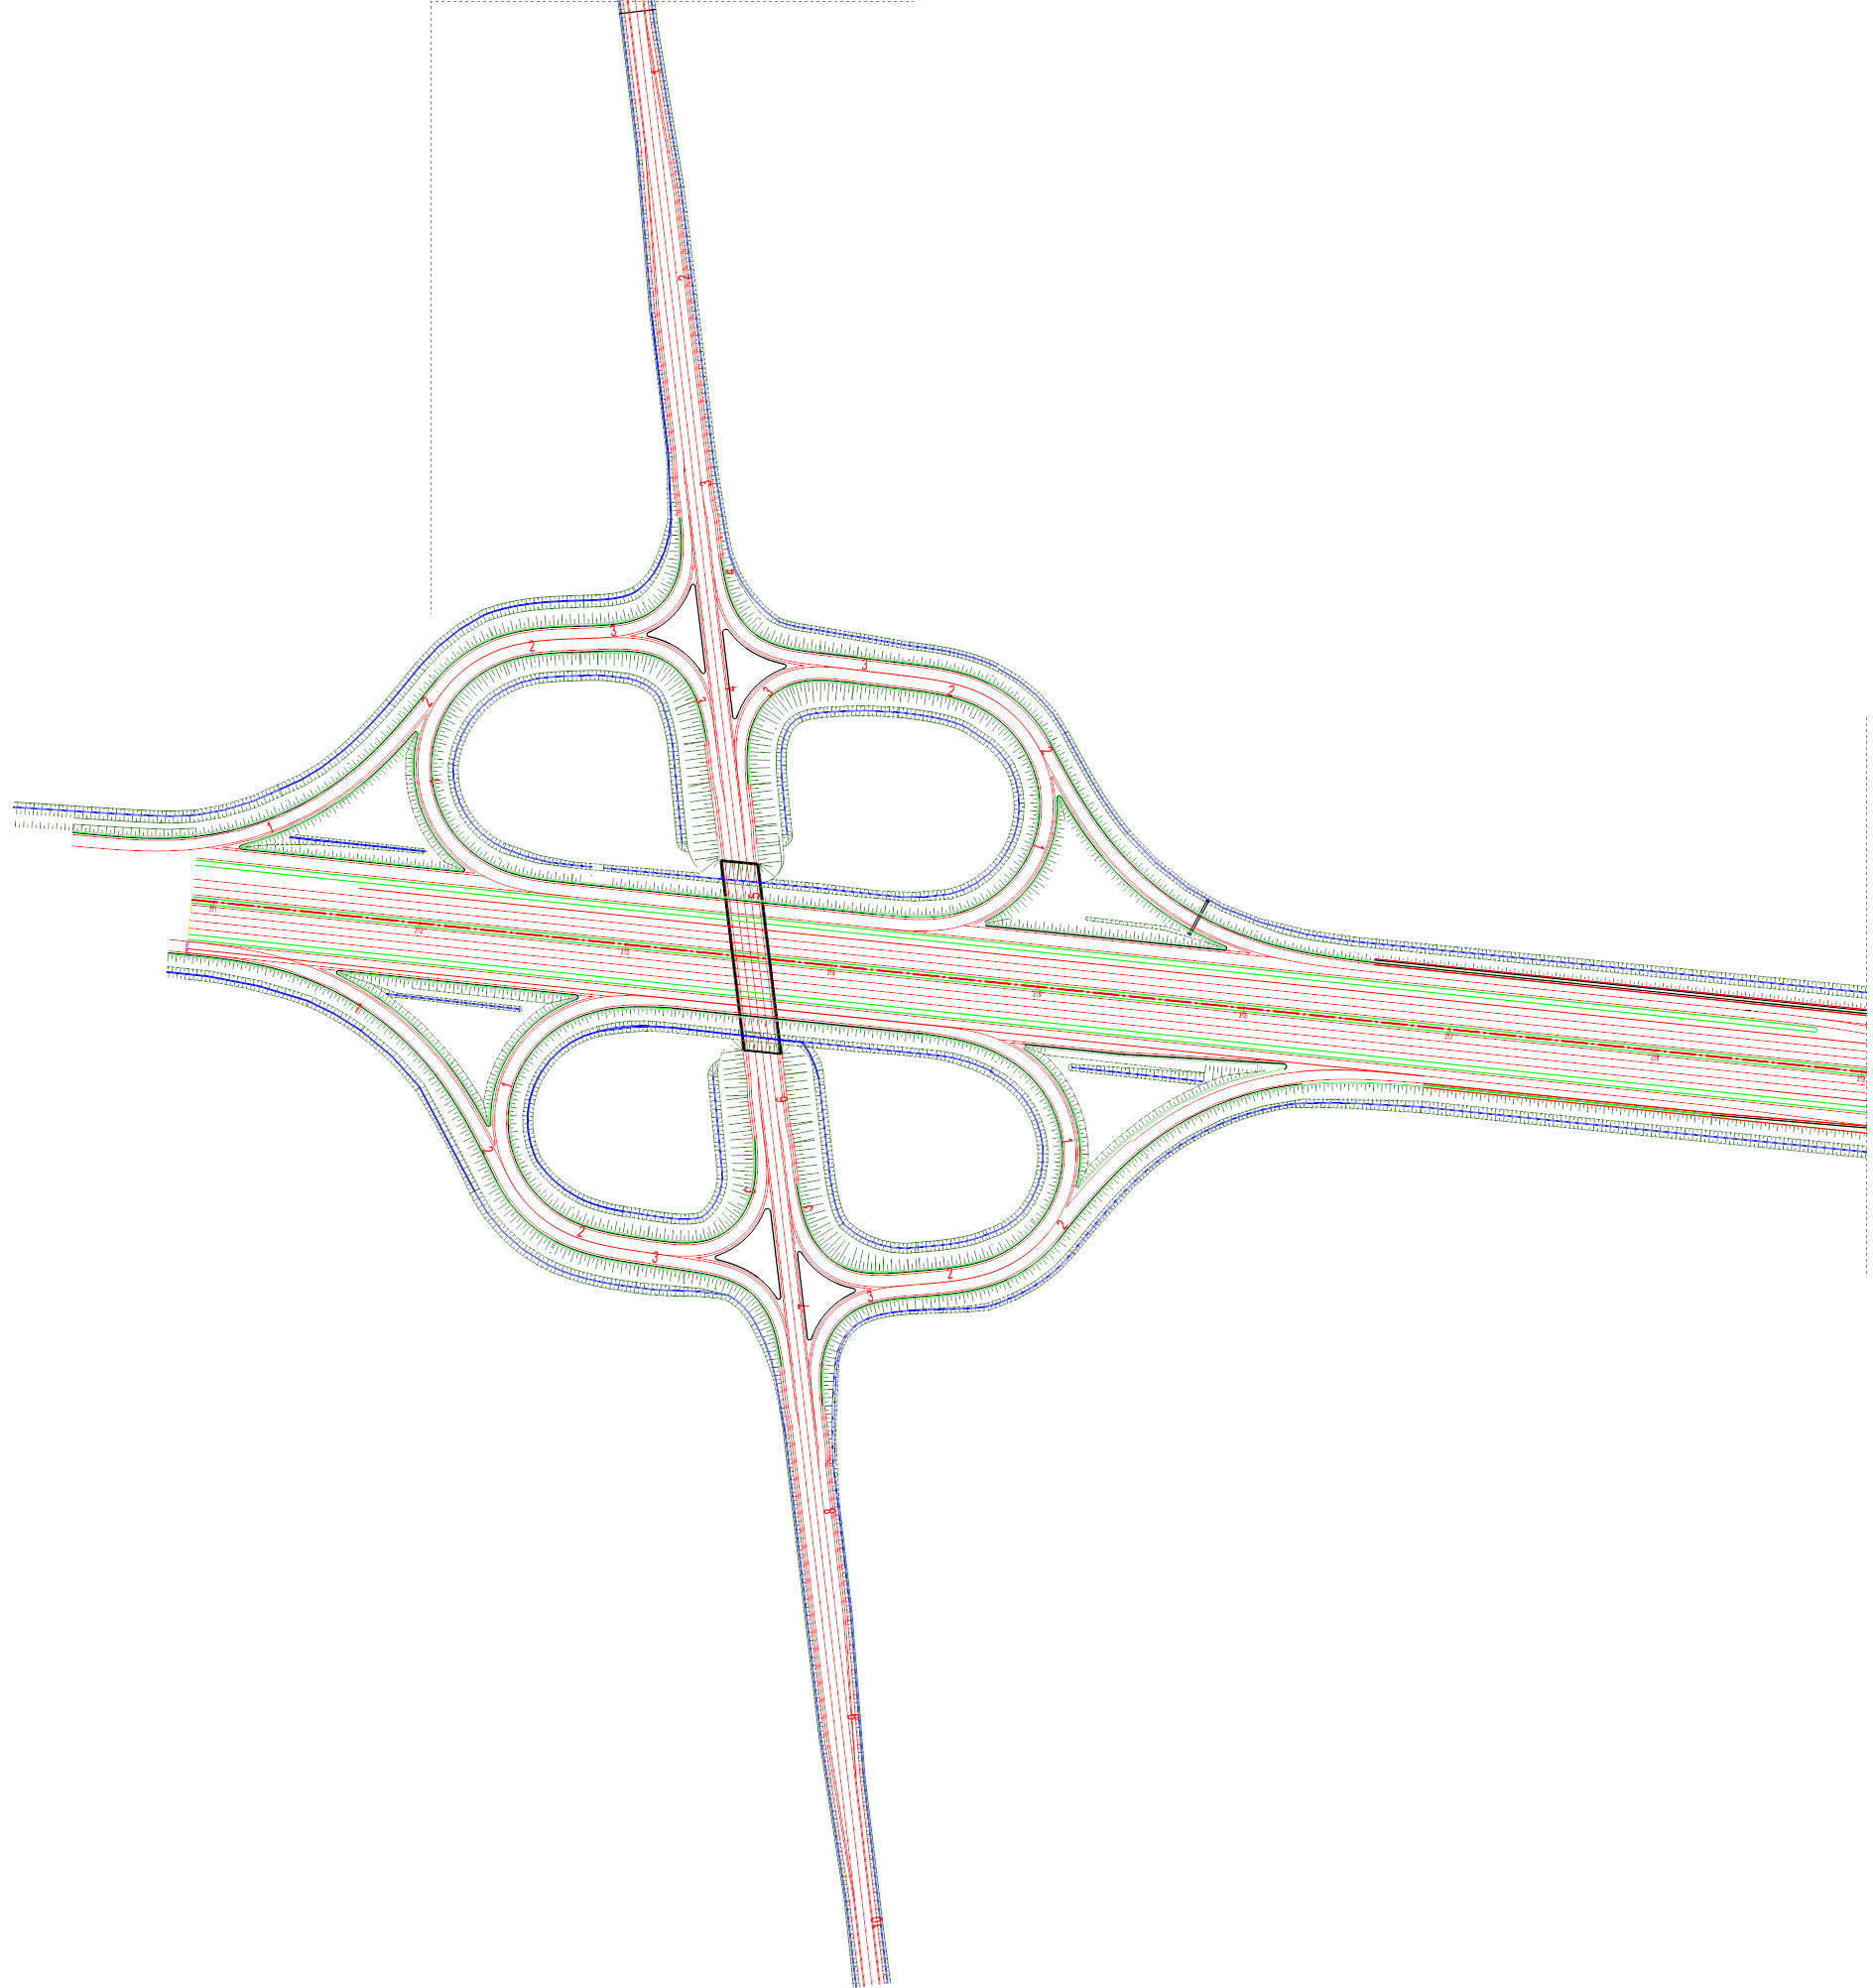 парашютная кад схема